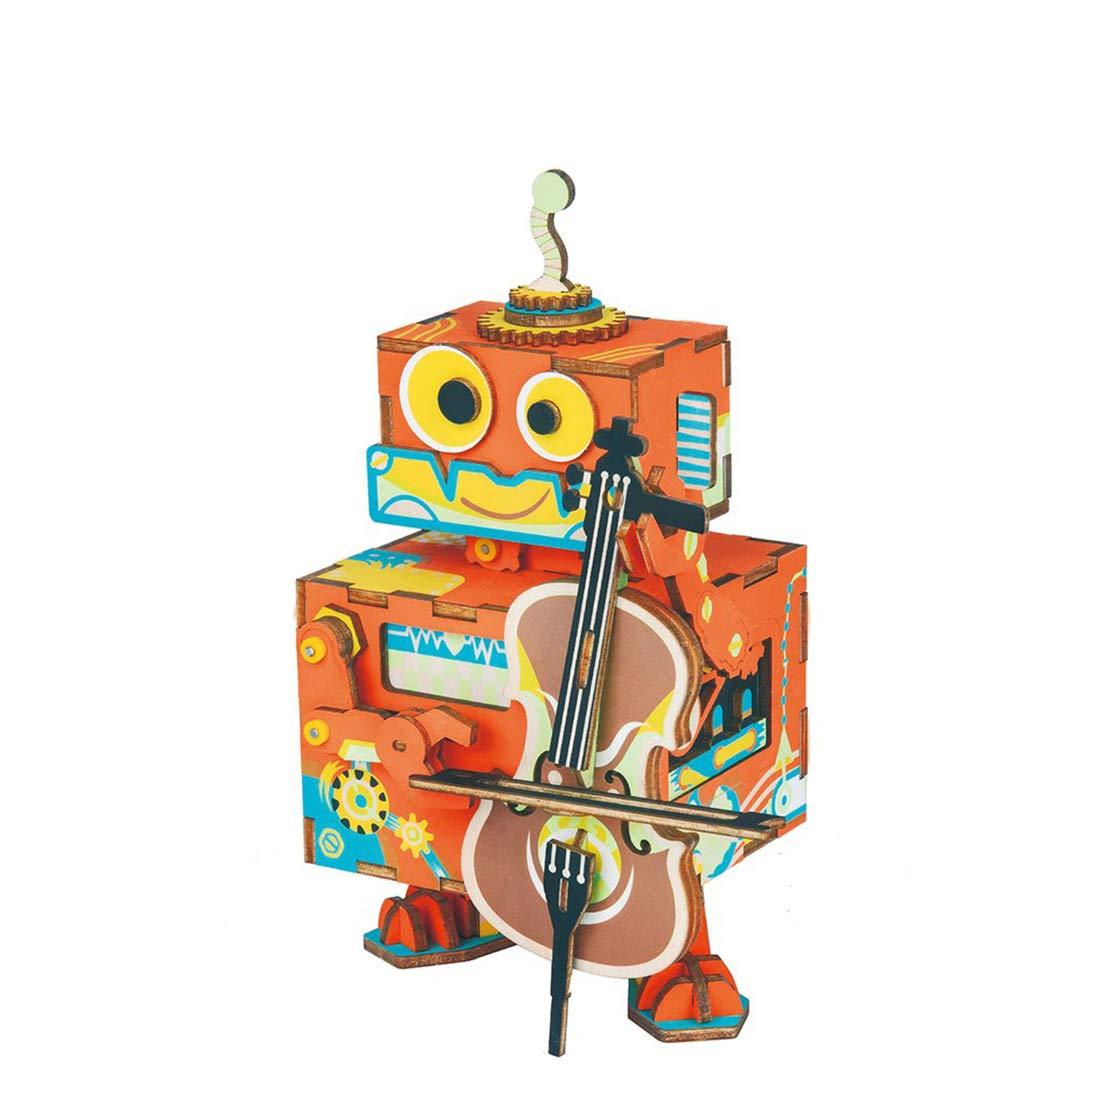 【全商品オープニング価格 特別価格】 カートゥーン Summer 3Dパズル 木製オルゴール Cello DIY クリエイティブ 模型工芸キット B07H5LRP68 取り外し可能 - 子供用ギフト - Cello Summer B07H5LRP68, 自然派化粧品 コスメ2000:dc06b255 --- arianechie.dominiotemporario.com